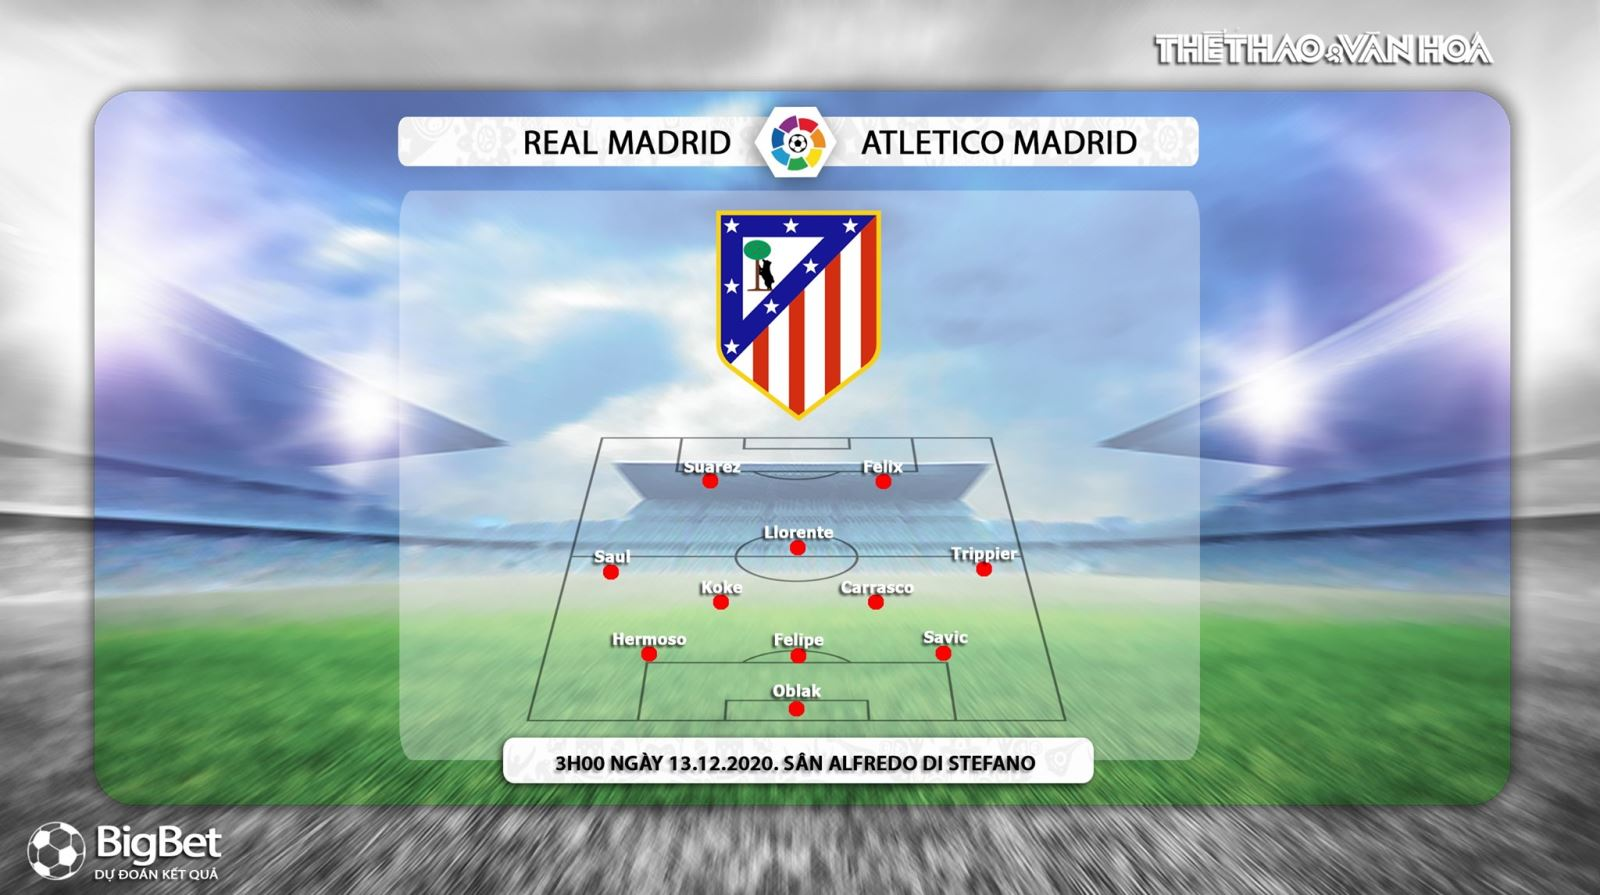 Keo nha cai, Kèo nhà cái, Real Madrid vs Atletico Madrid, Trực tiếp bóng đá, BĐTV, Bóng đá Tây Ban Nha vòng 13, soi kèo Real Madrid vs Atletico Madrid, trực tiếp bóng đá